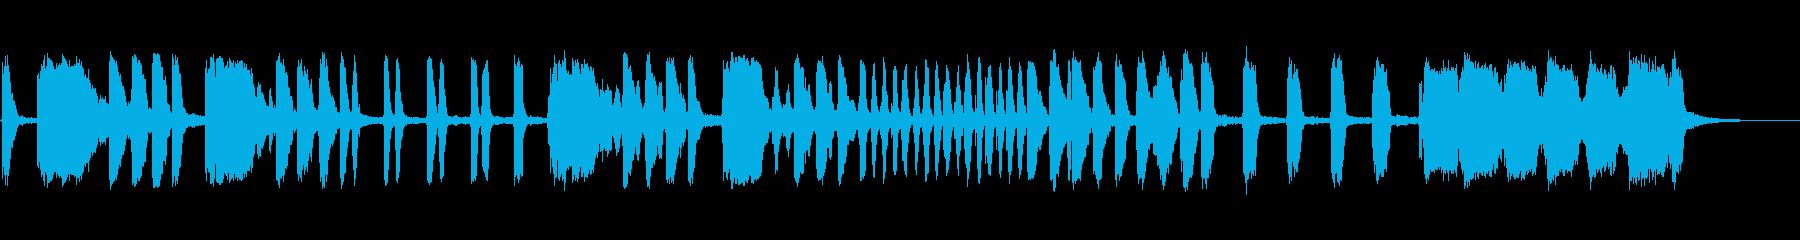 スリーリングファンファーレ:コミッ...の再生済みの波形